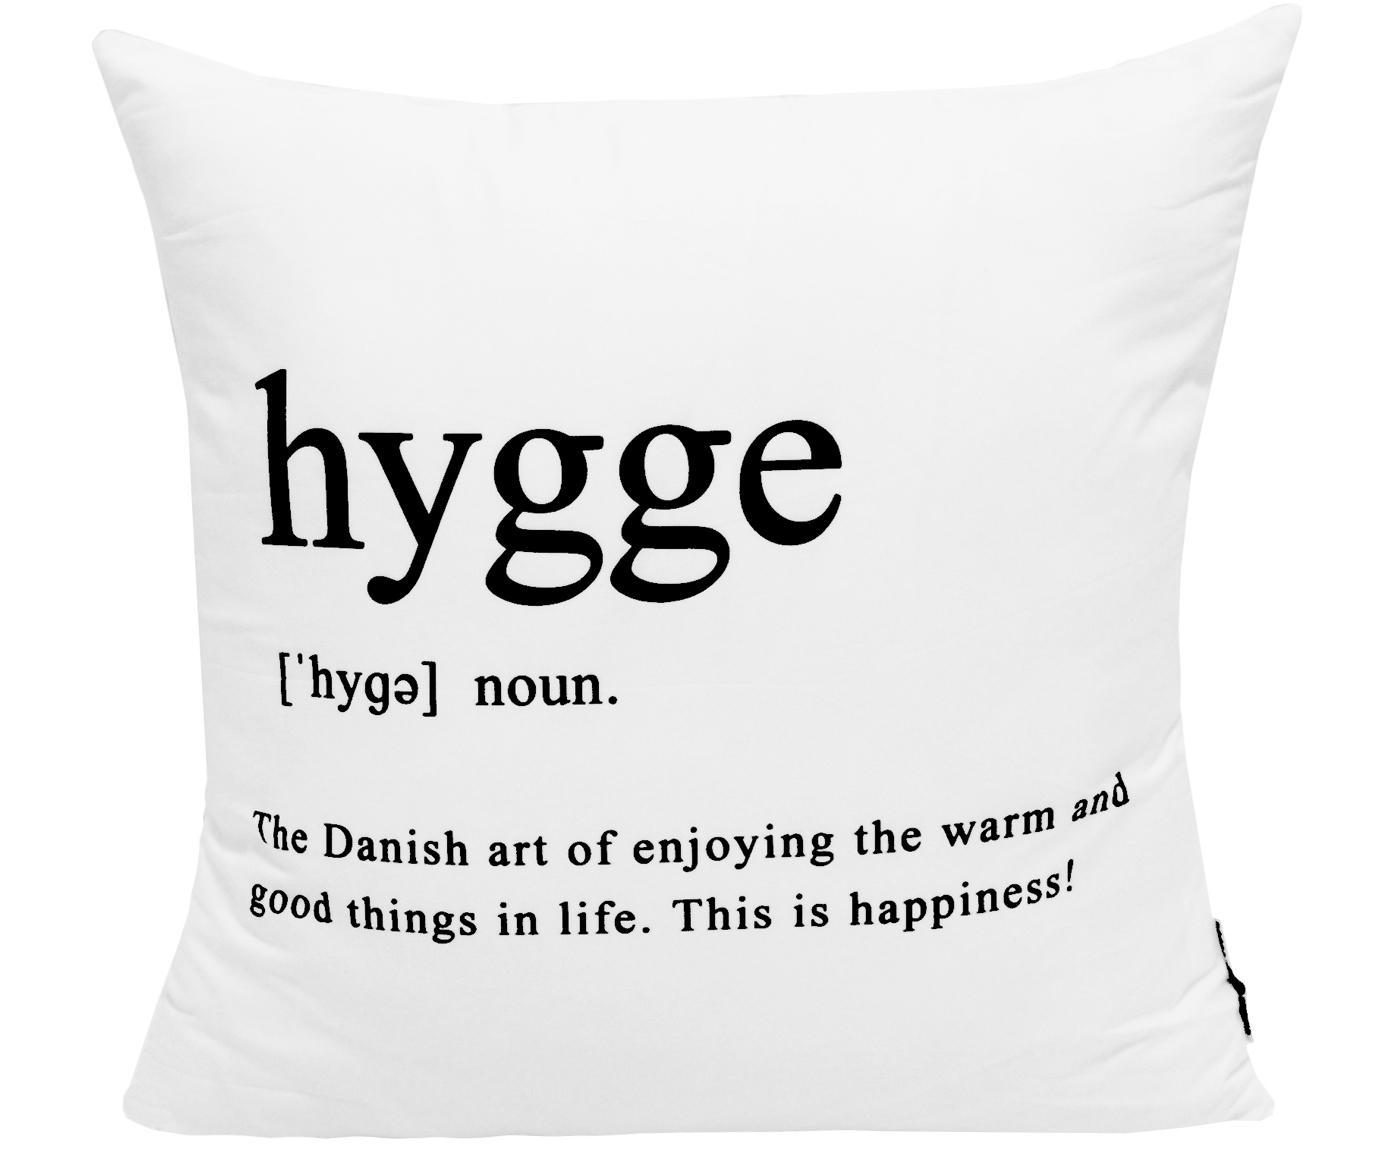 Kissenhülle Hygge in Schwarz/Weiß mit Schriftzug, 100% Polyester, Schwarz, Weiß, 45 x 45 cm